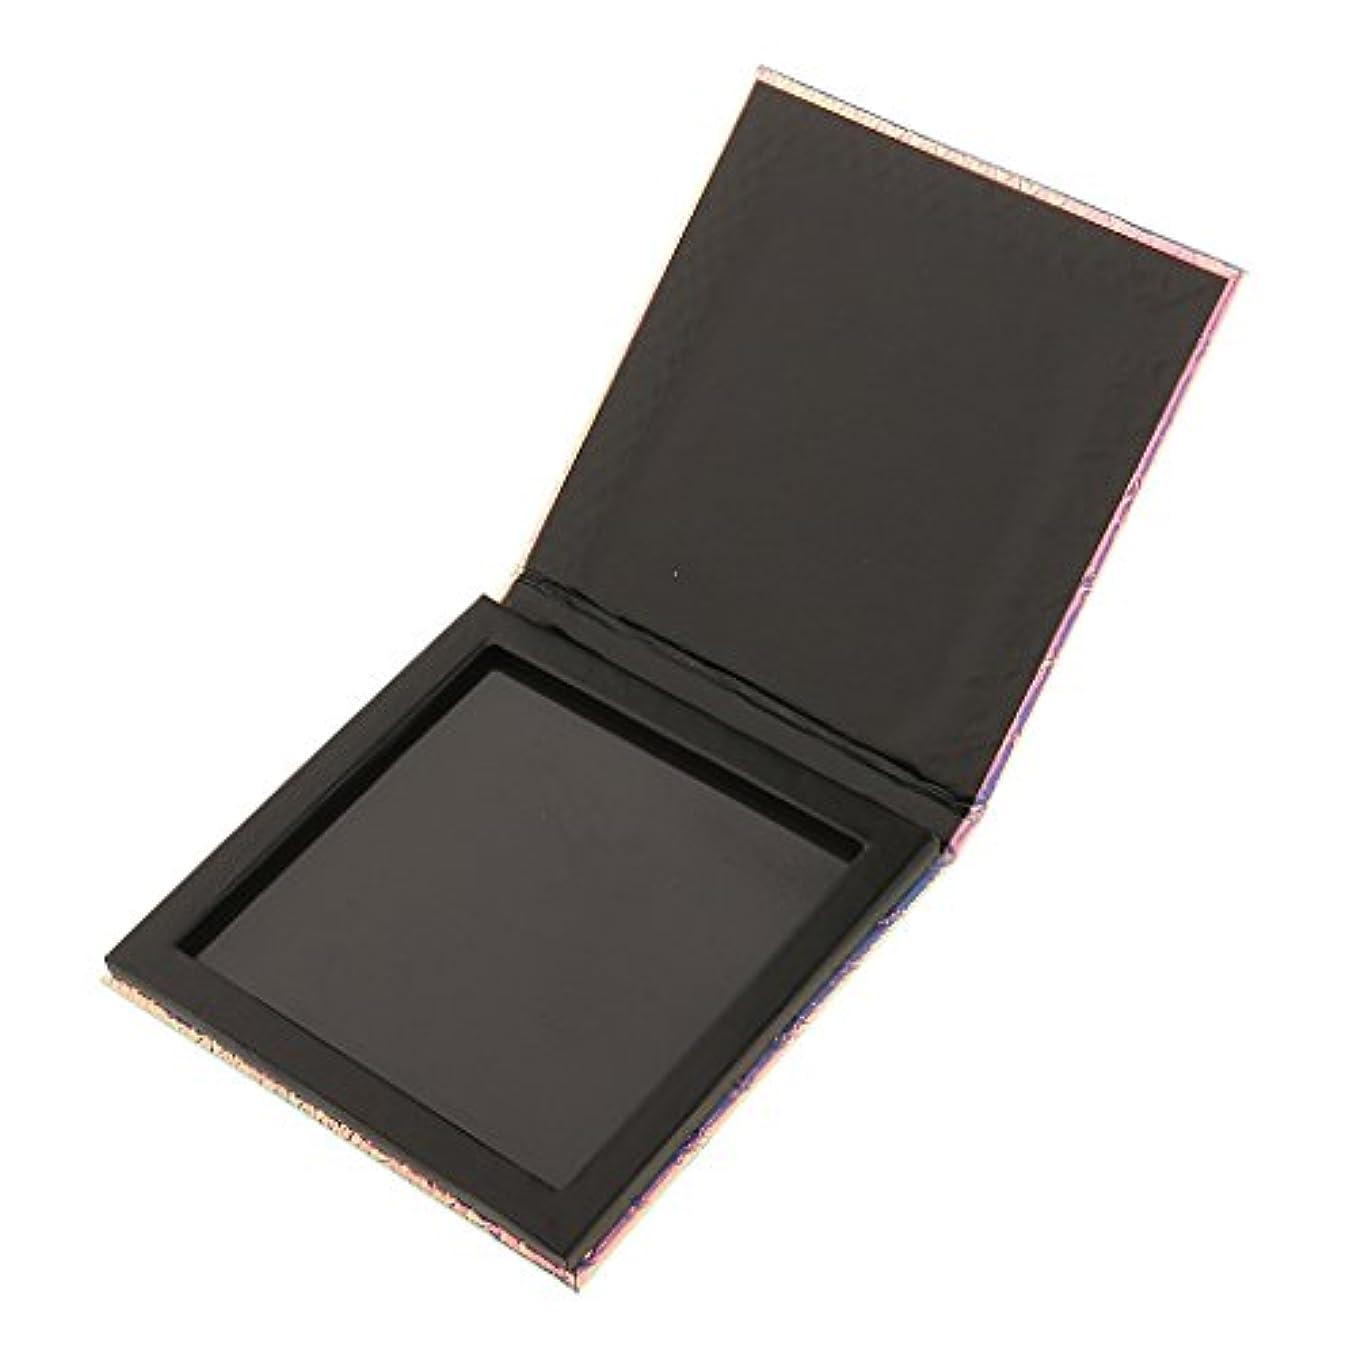 知らせるスリーブ通訳Kesoto 磁気パレットボックス 空の磁気パレット 化粧品ケース メイクアップ コスメ 収納 ボックス 旅行 出張 化粧品DIY 全2サイズ選べ - 10x10cm